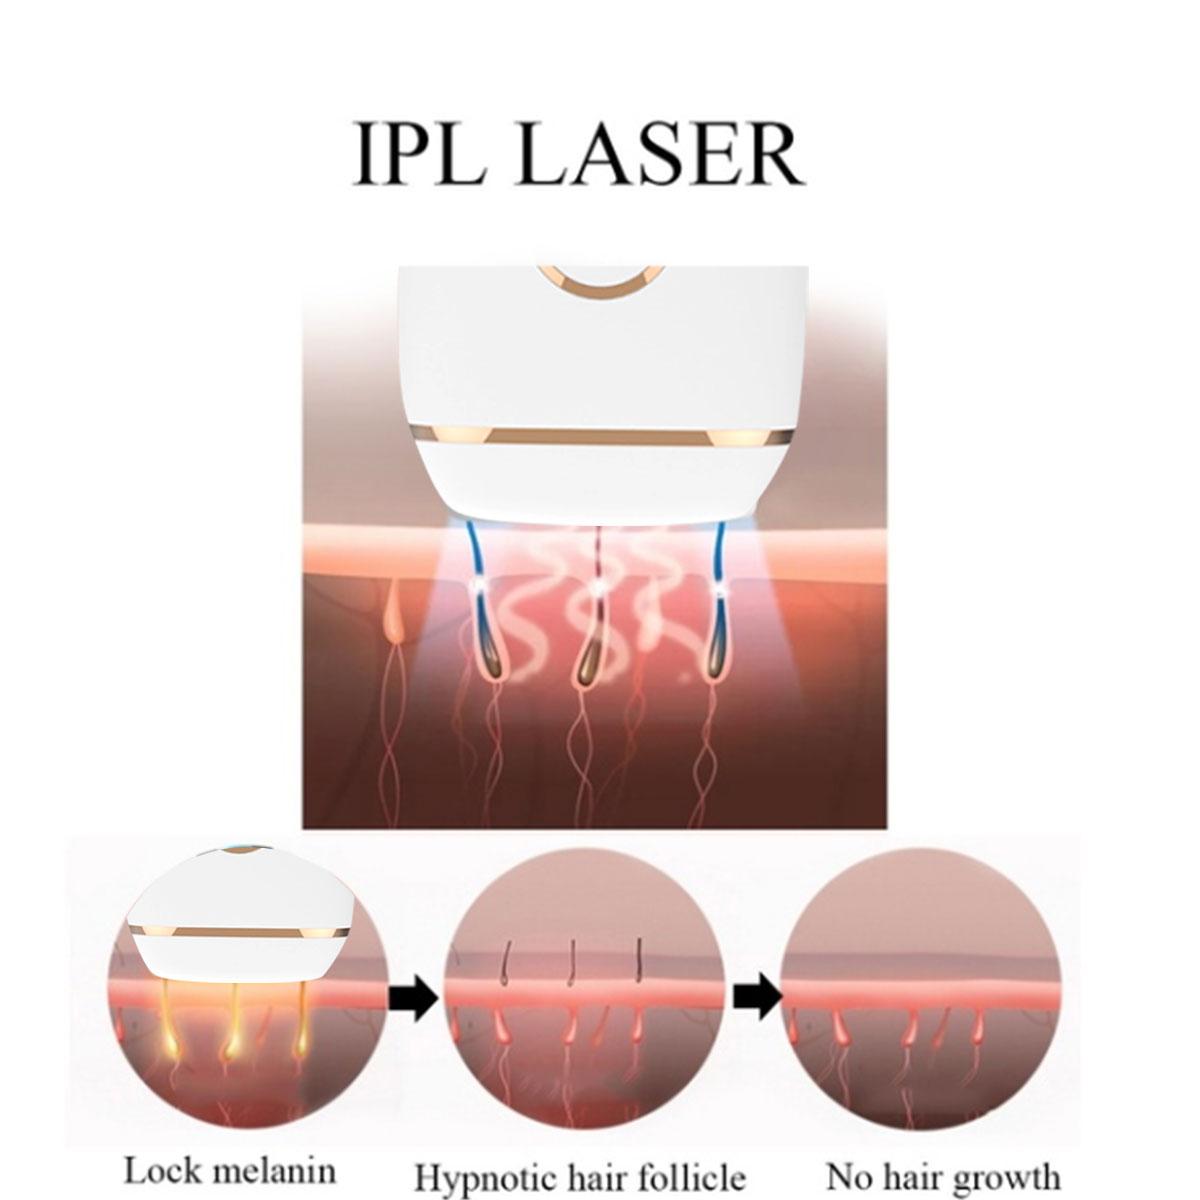 5 Speed Revolution IPL Permanent Лазер Волосы Удаление для 300 000 вспышек Эпилятор Безболезненный Электрический Волосы - фото 8